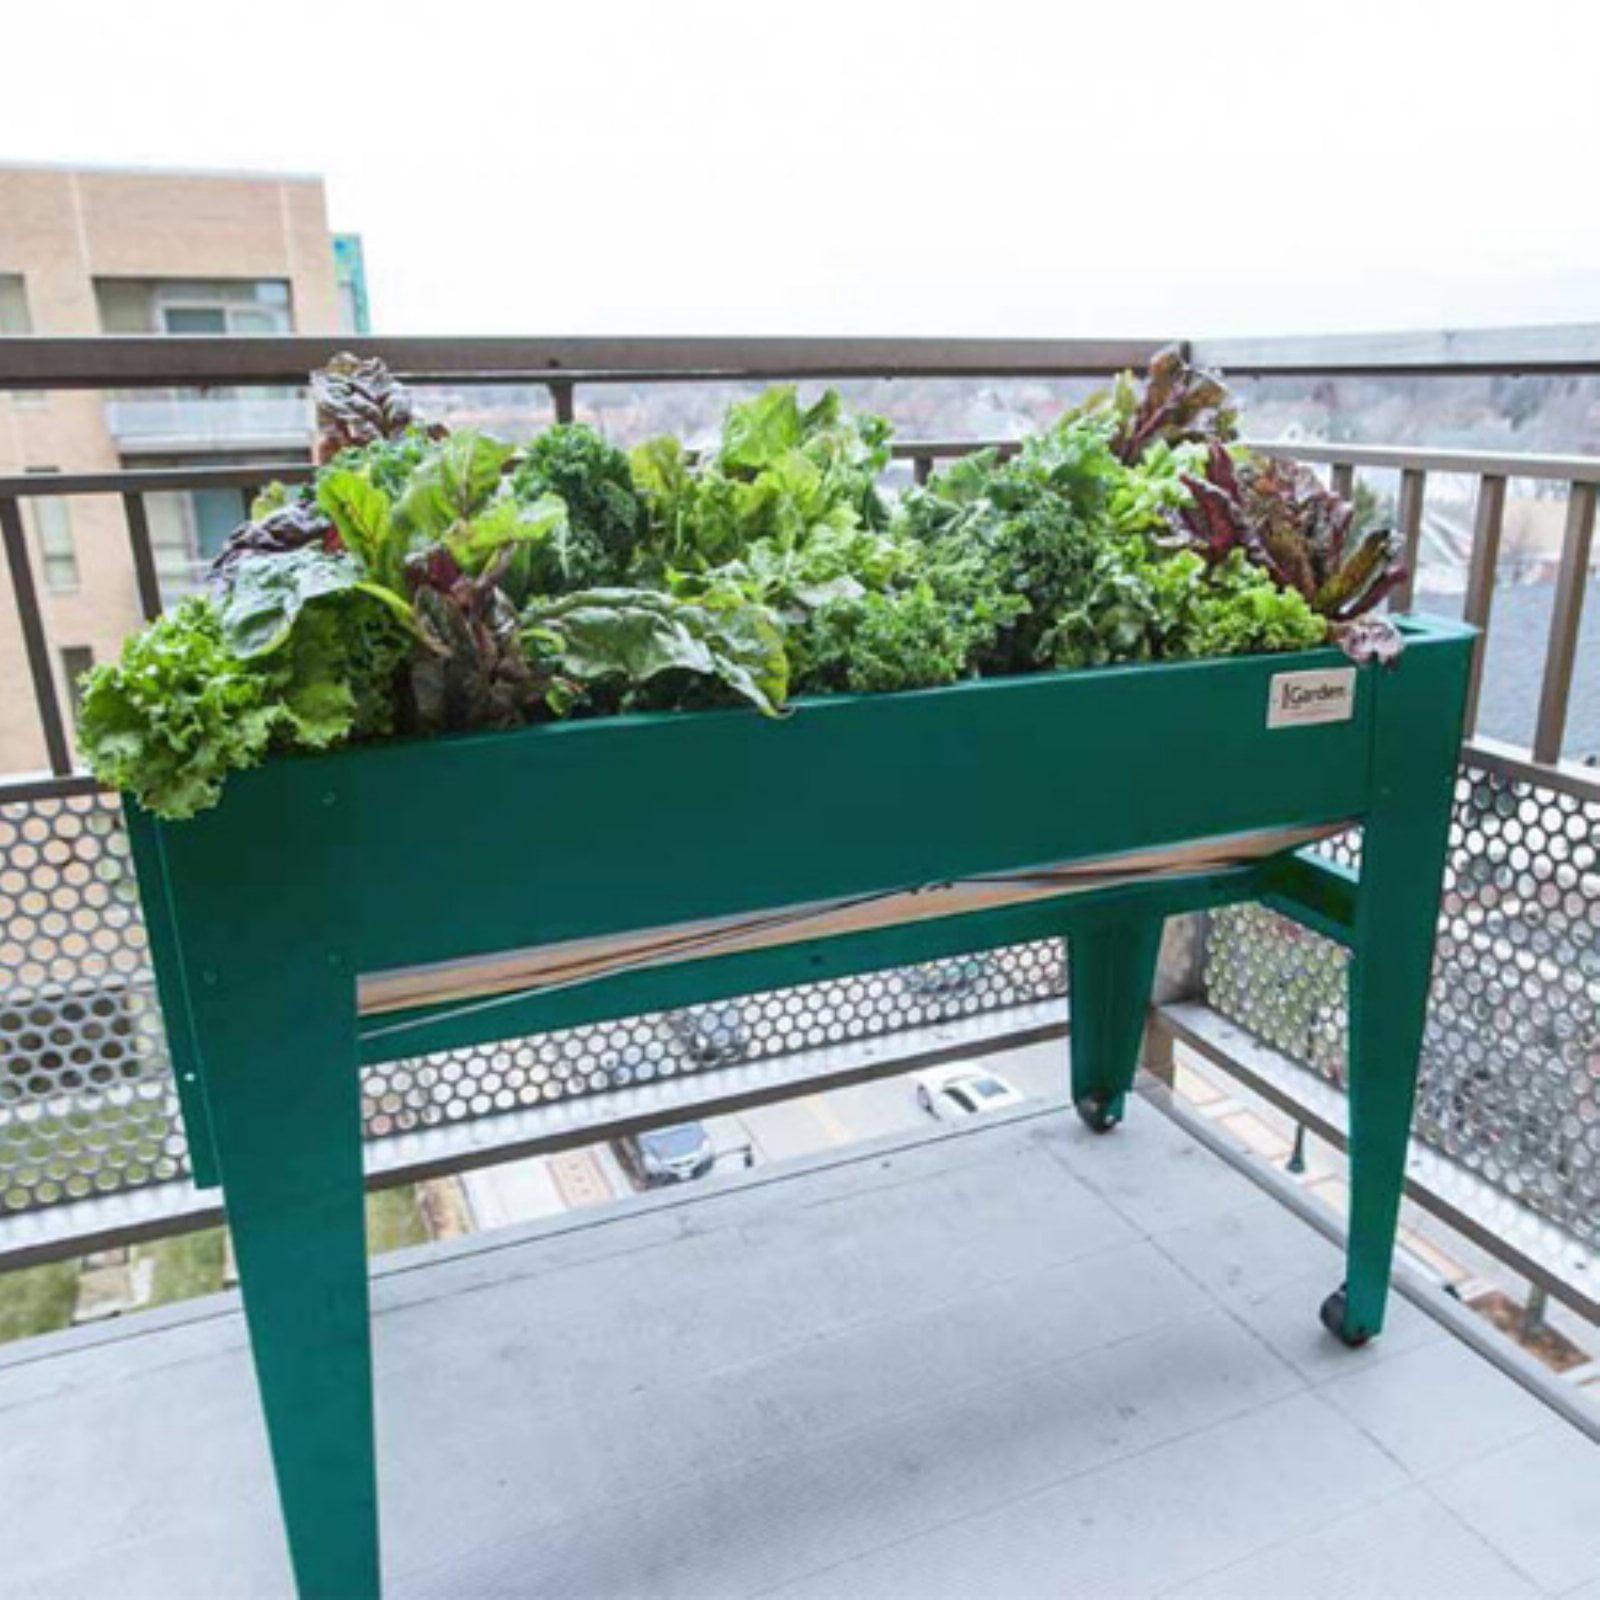 LGarden Balcony Raised Gardening System